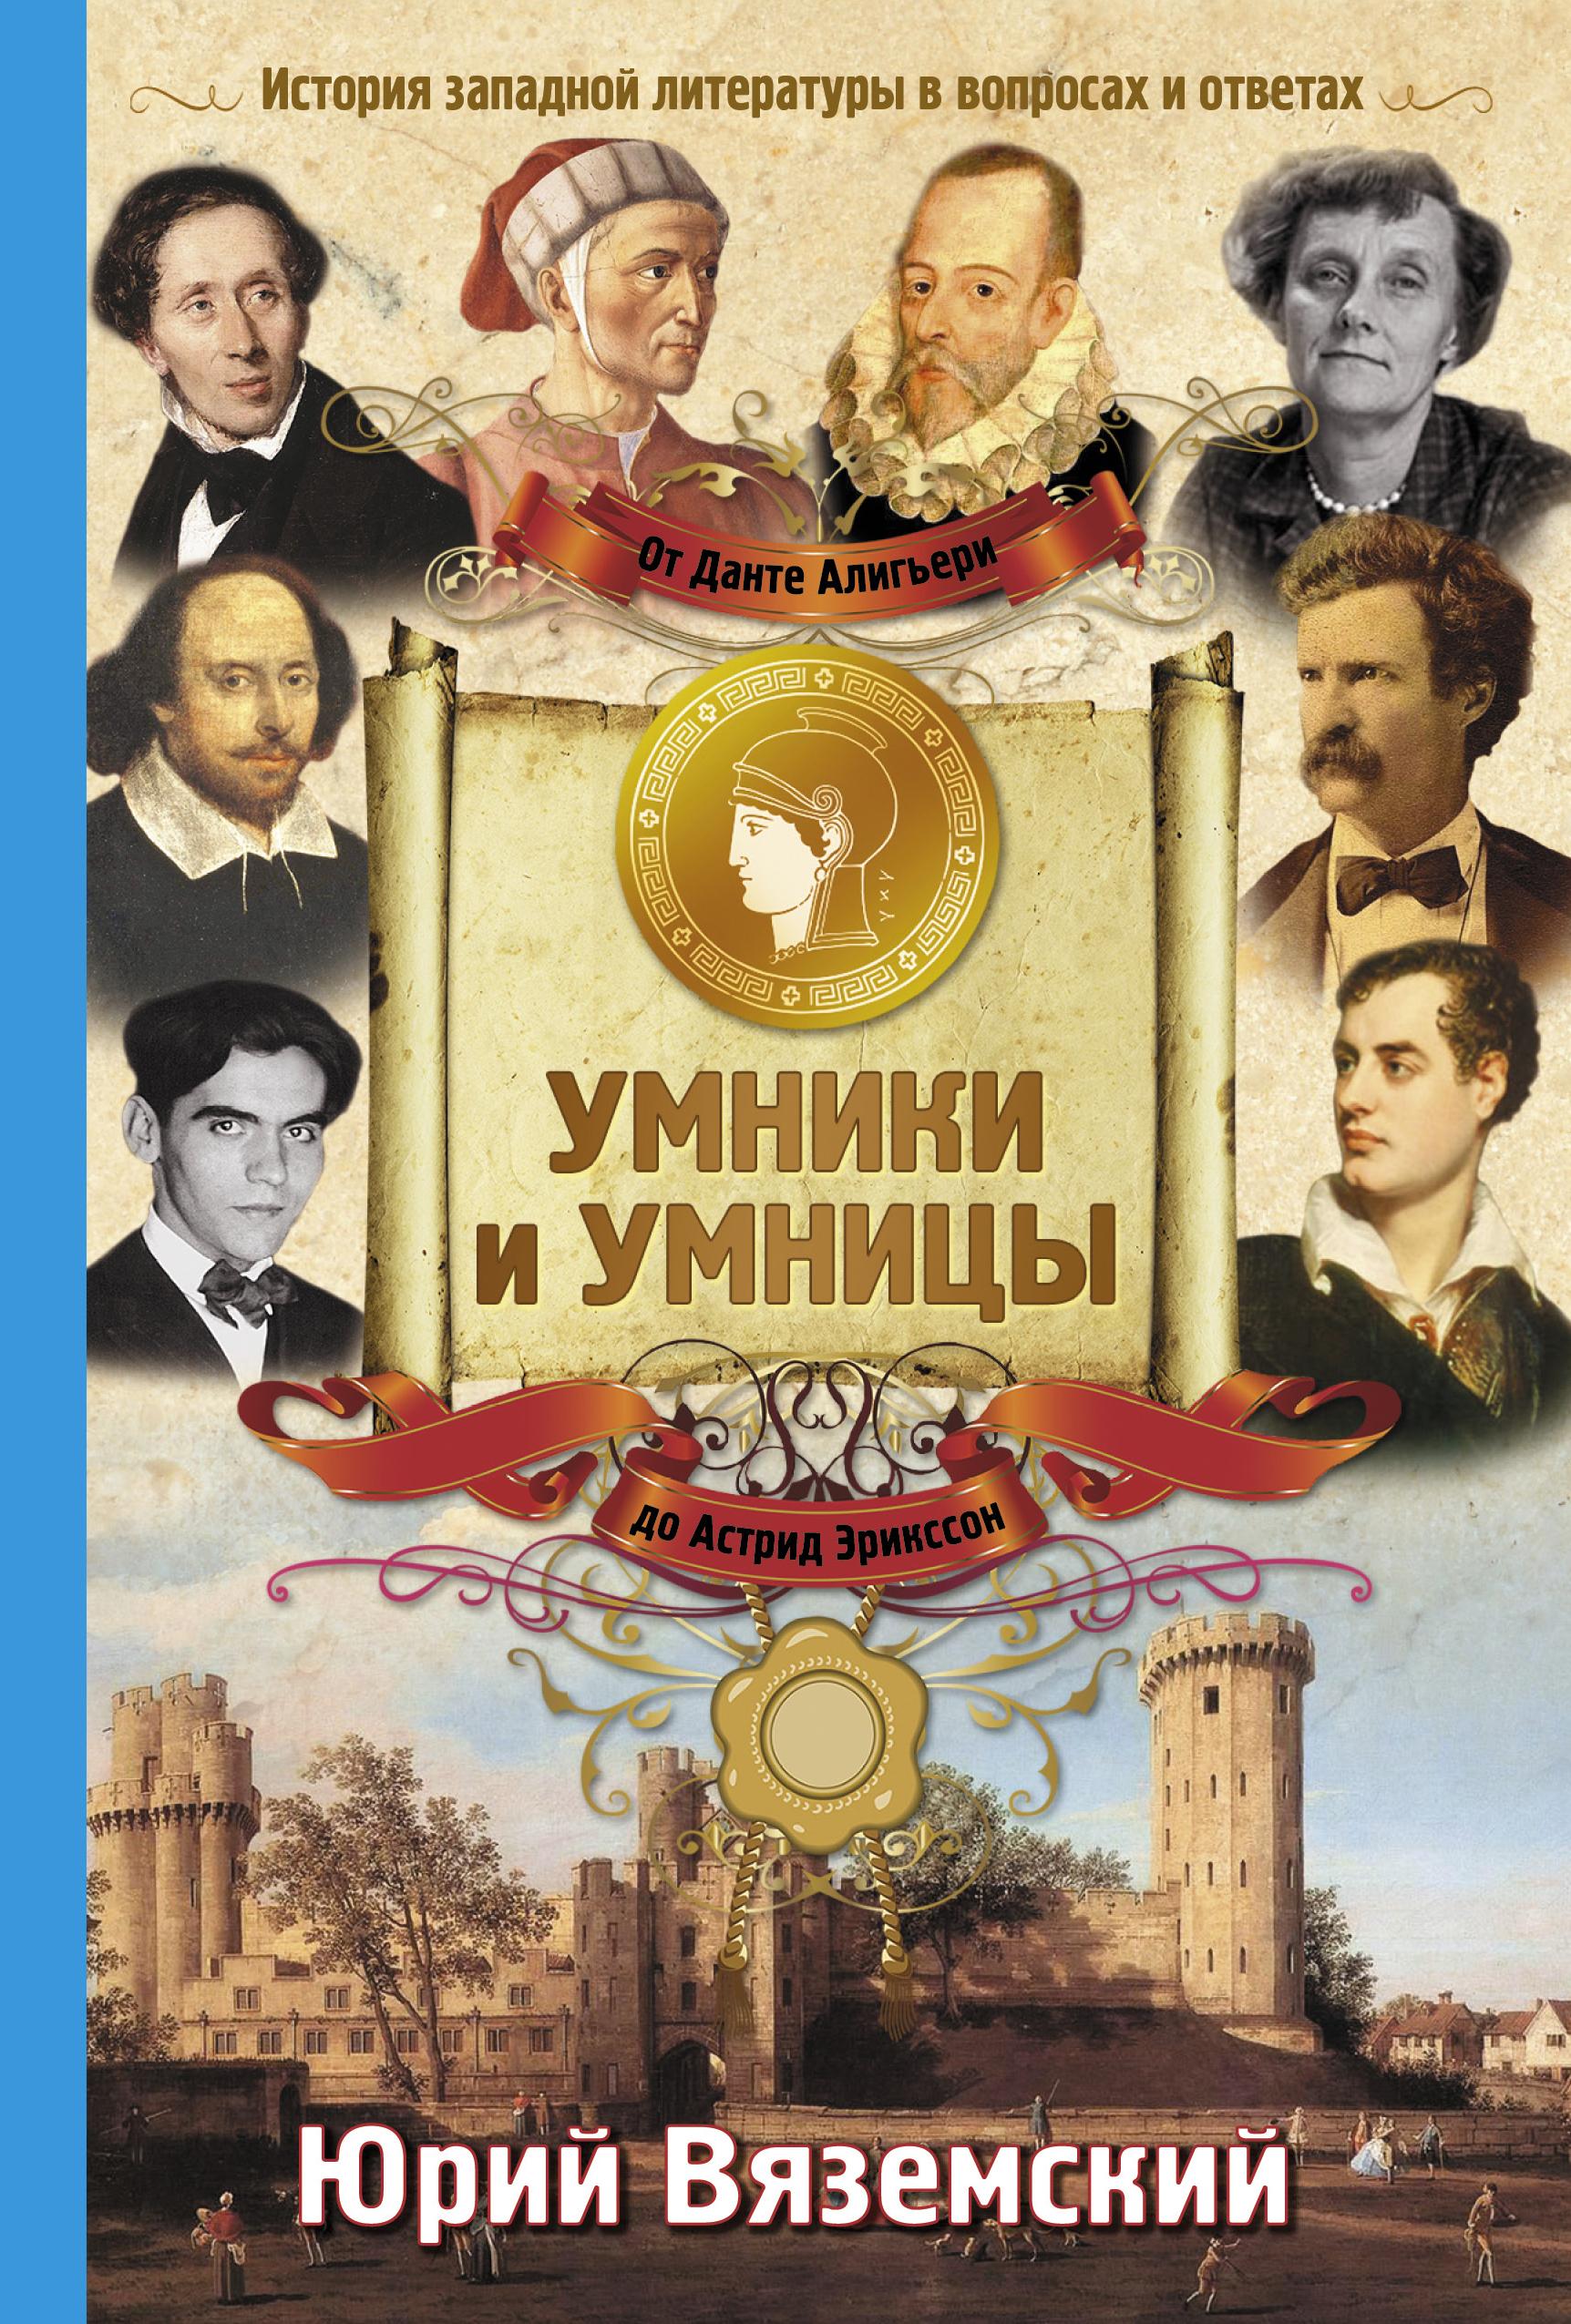 От Данте Алигьери до Астрид Эрикссон от book24.ru